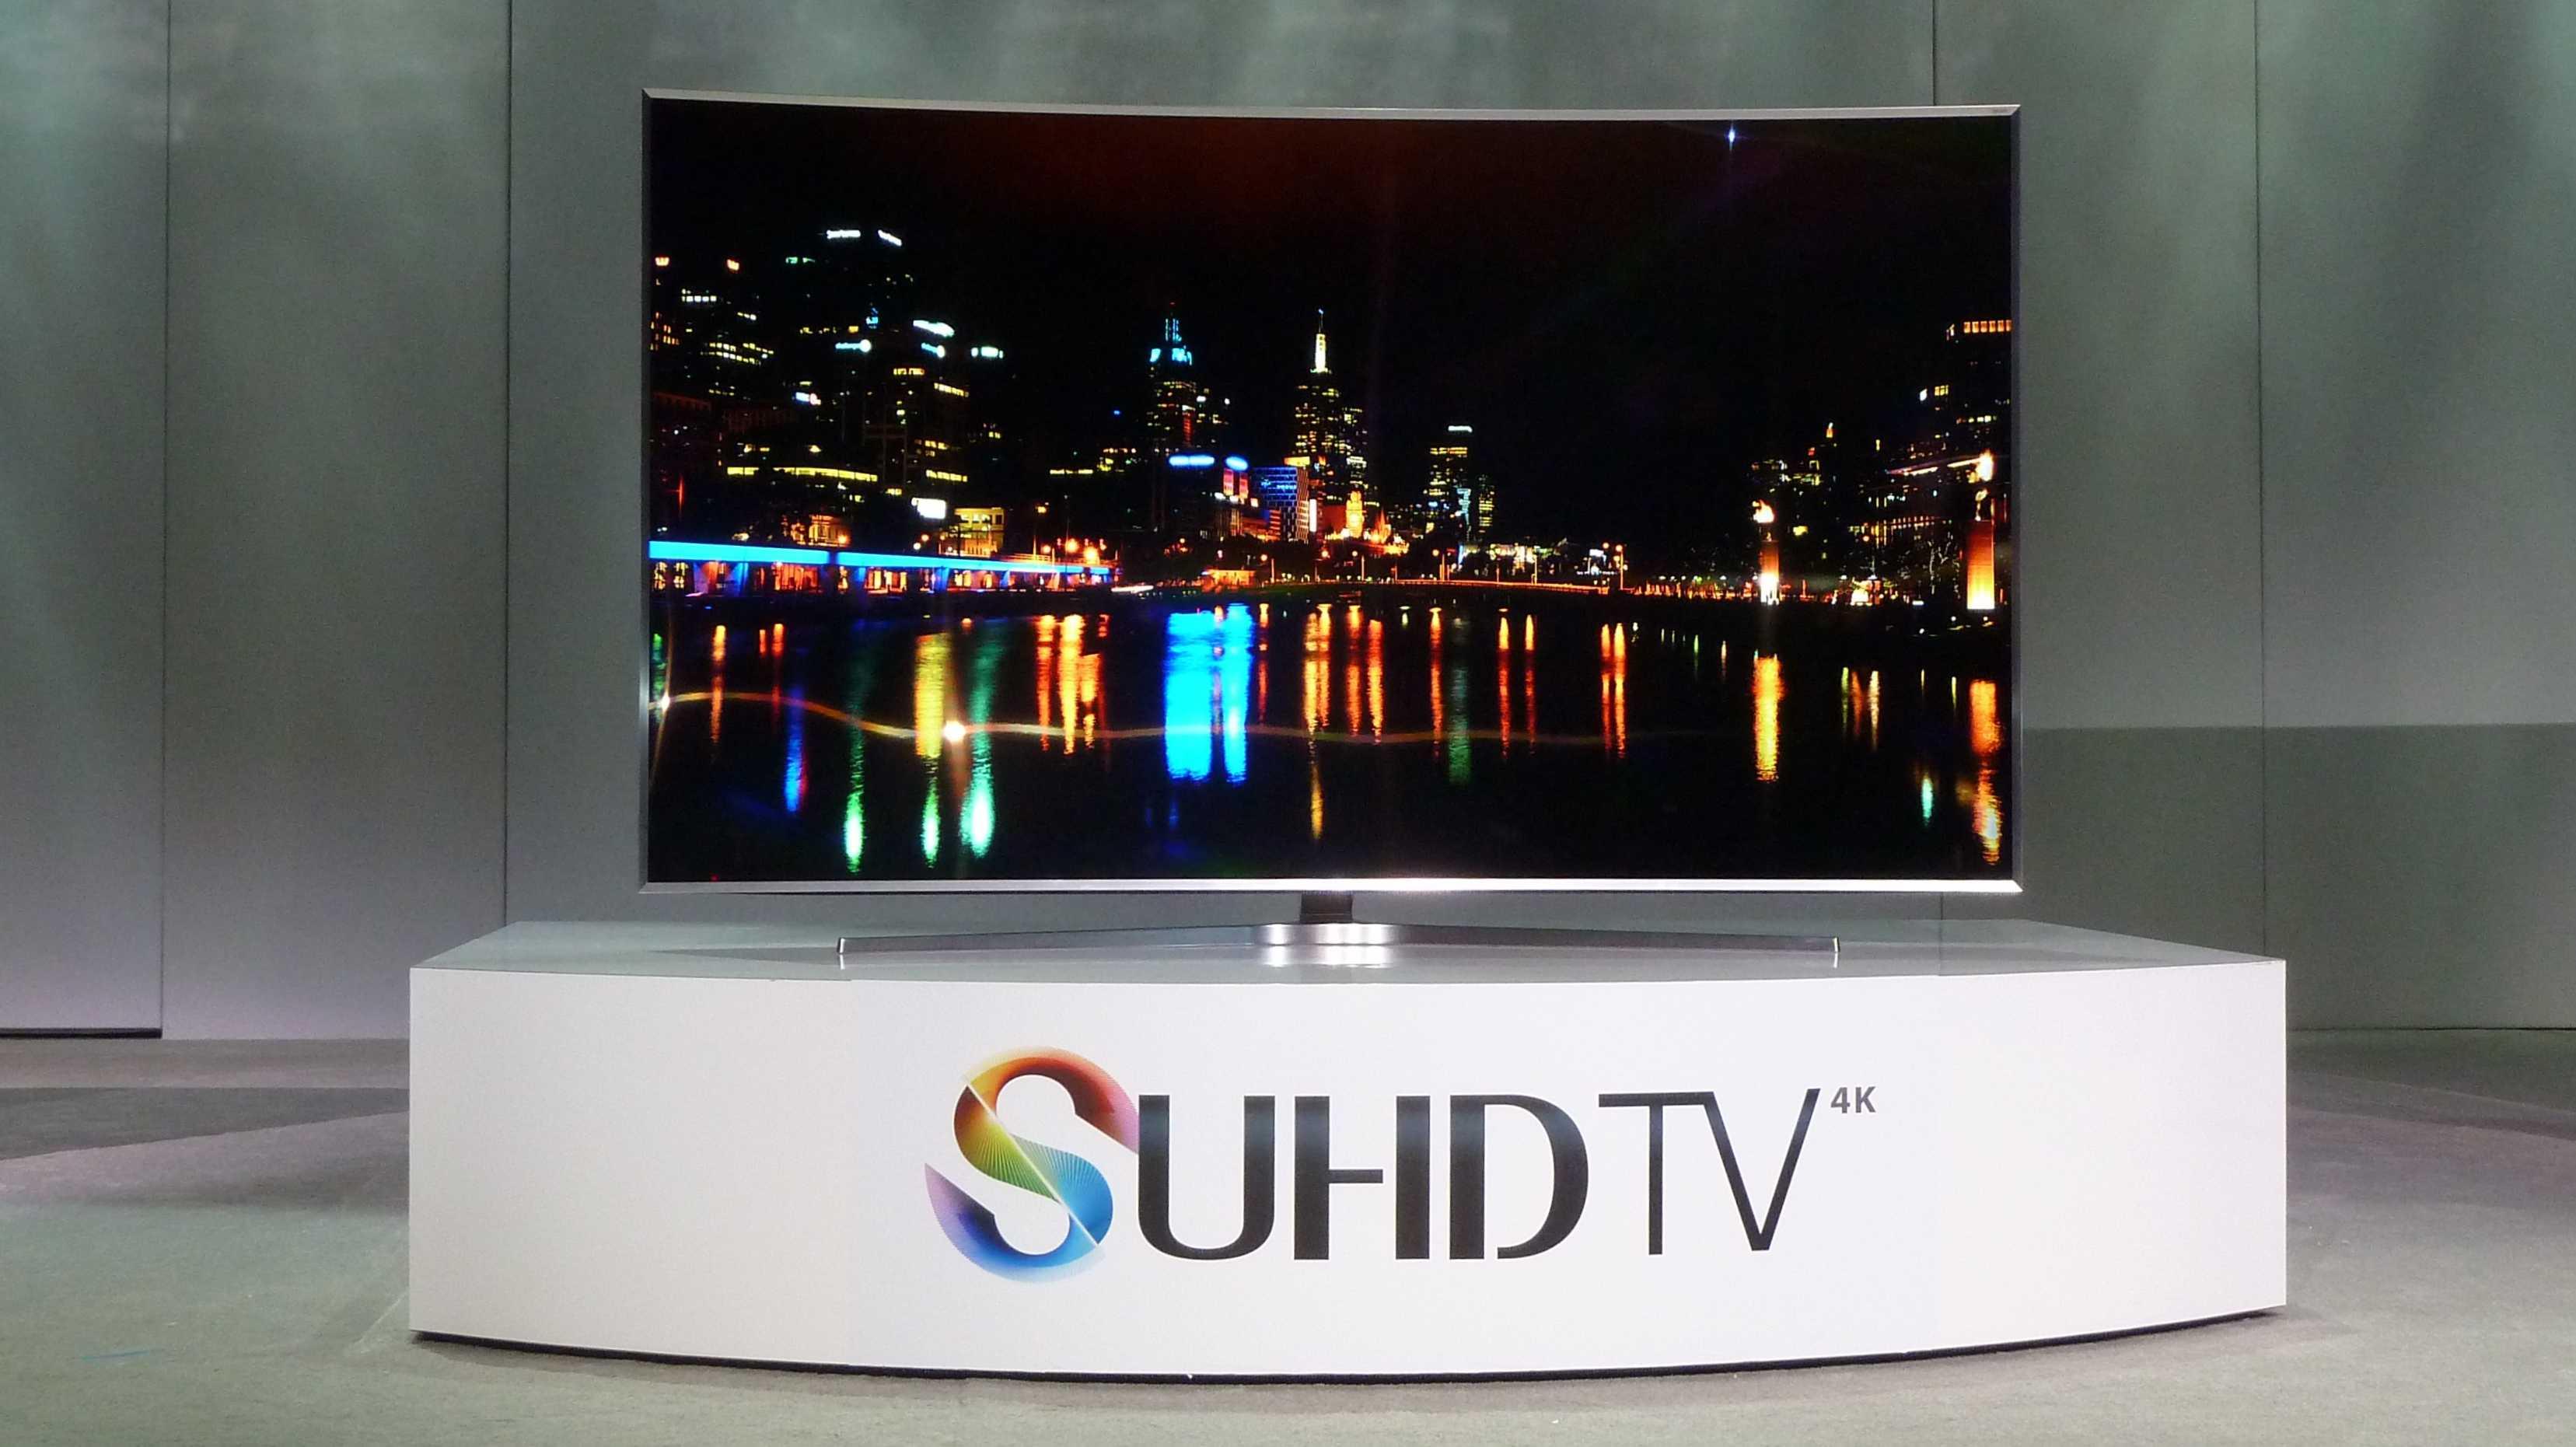 Samsung SUHD-TVs: Farbstarke LC-Displays mit Cadmium-freien Quantenpunkten